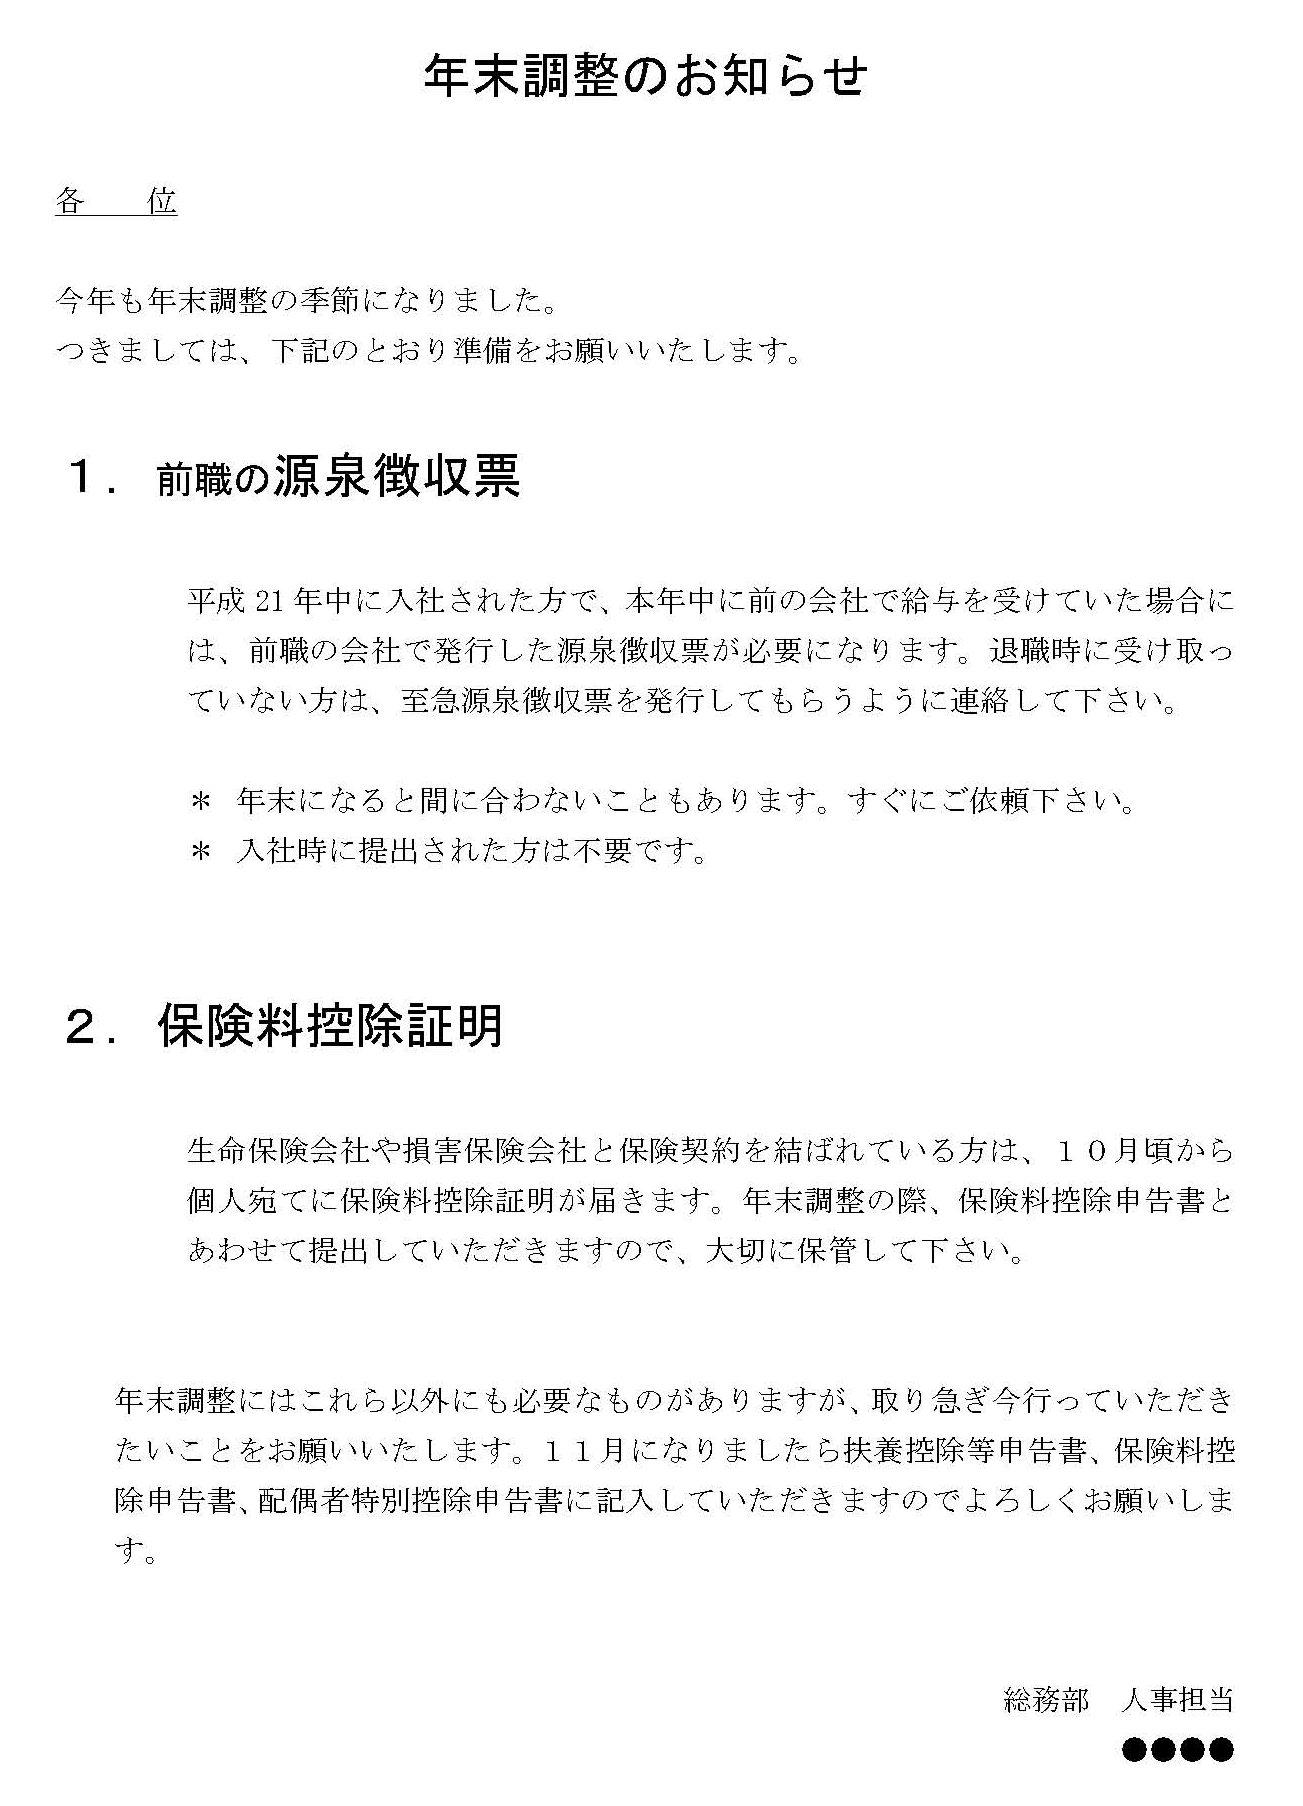 お知らせ(年末調整)